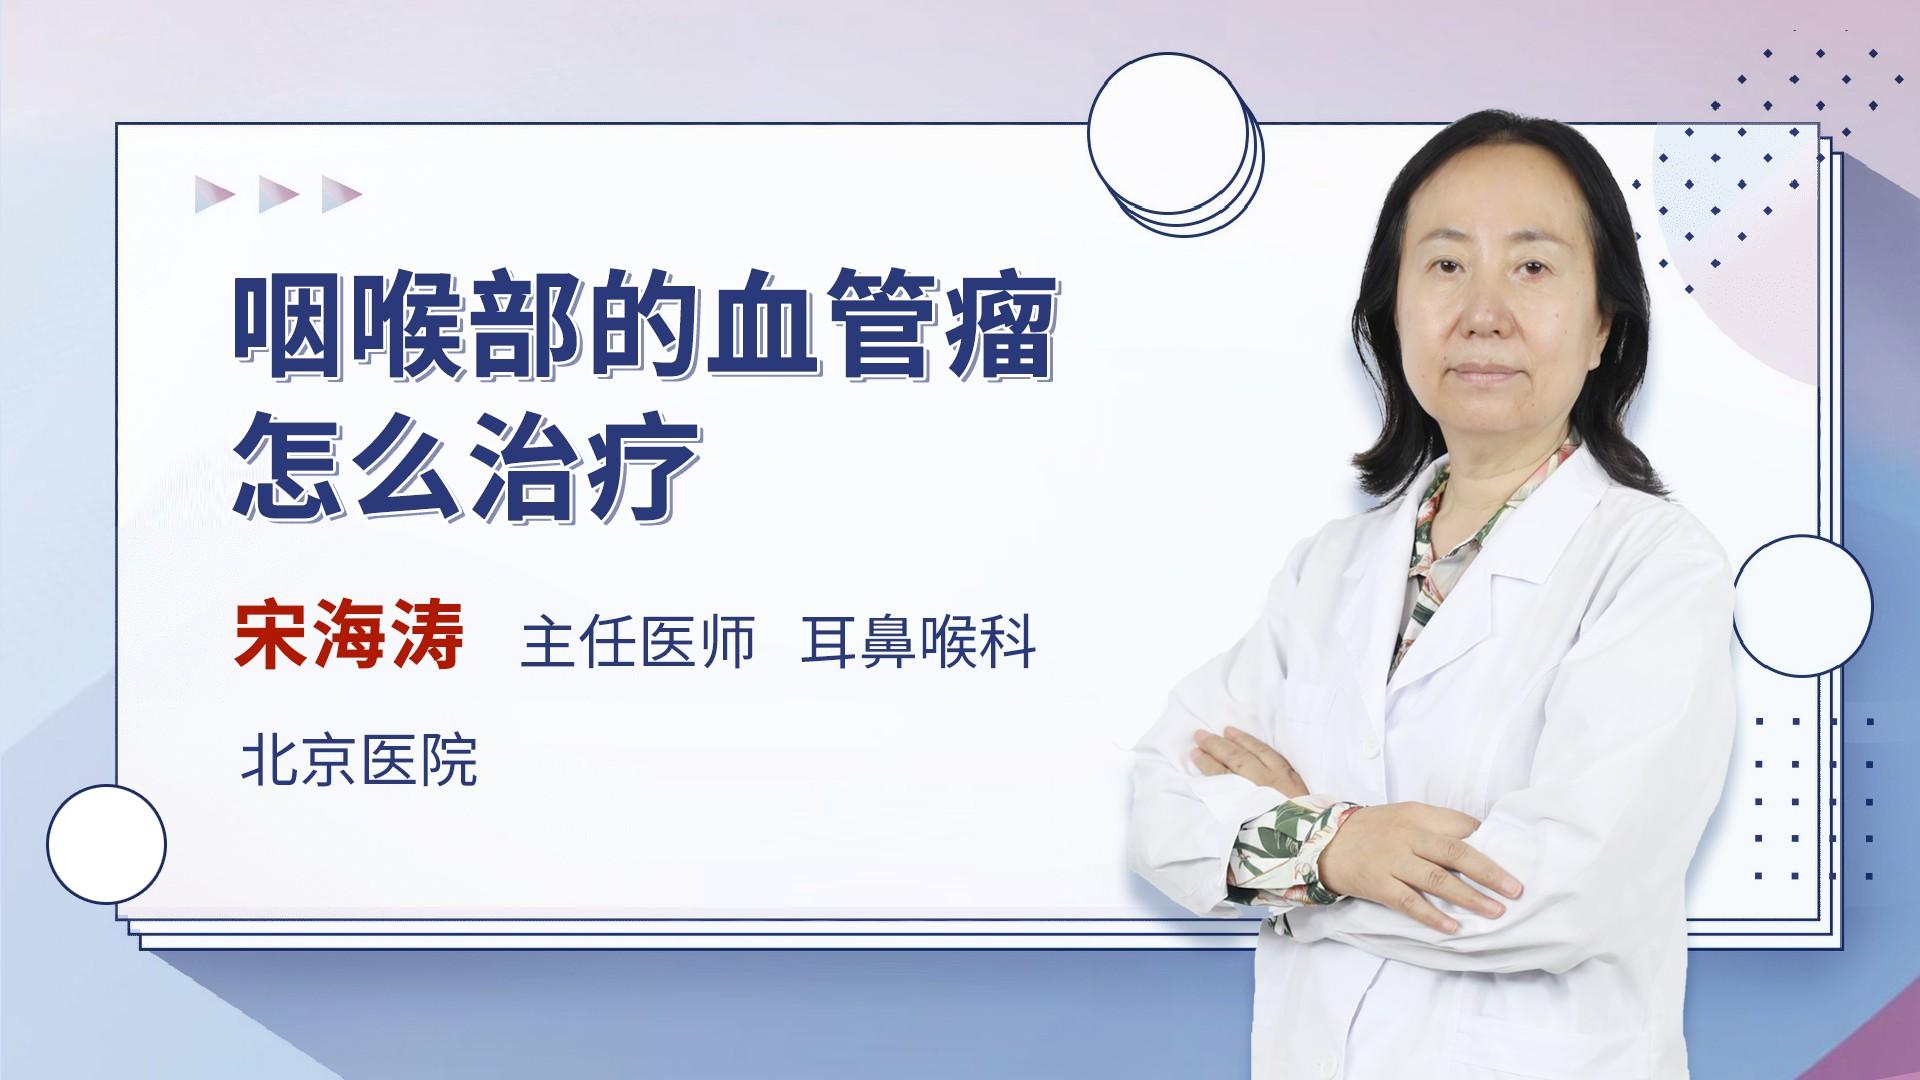 咽喉部的血管瘤怎么治疗